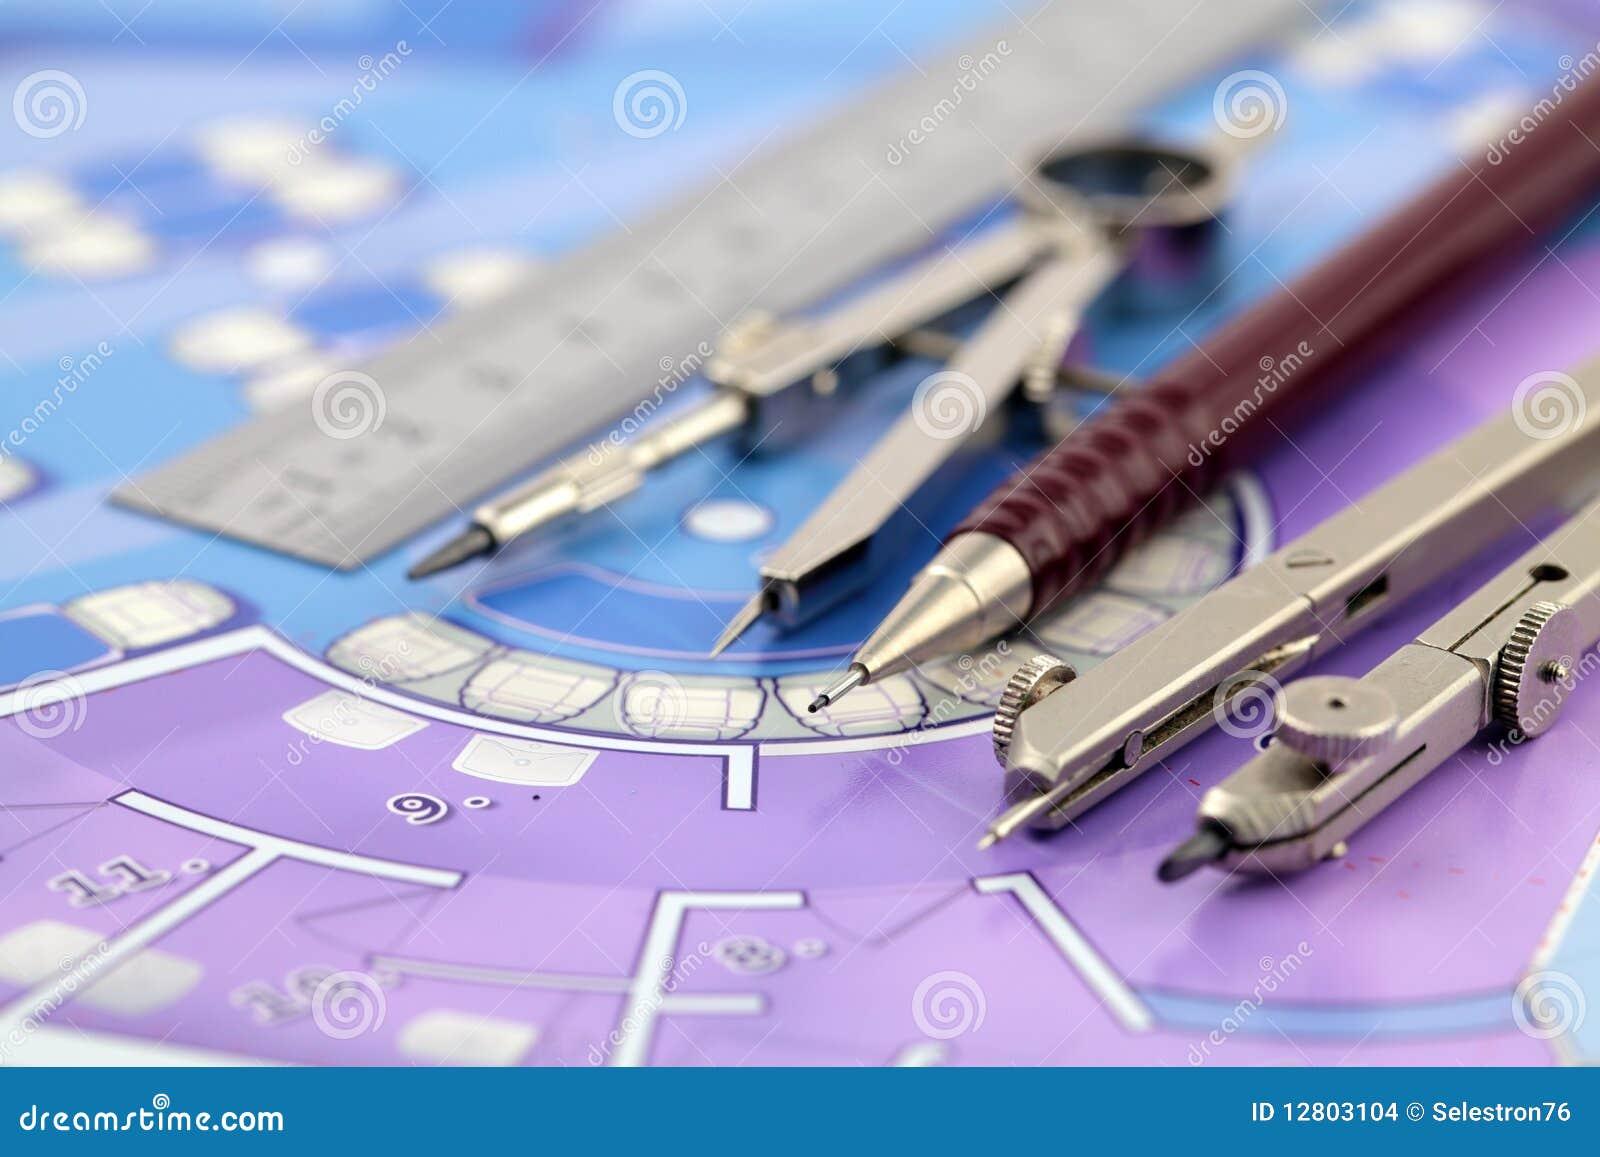 Plan et outils d 39 architecture photo stock image du for Outils architecte